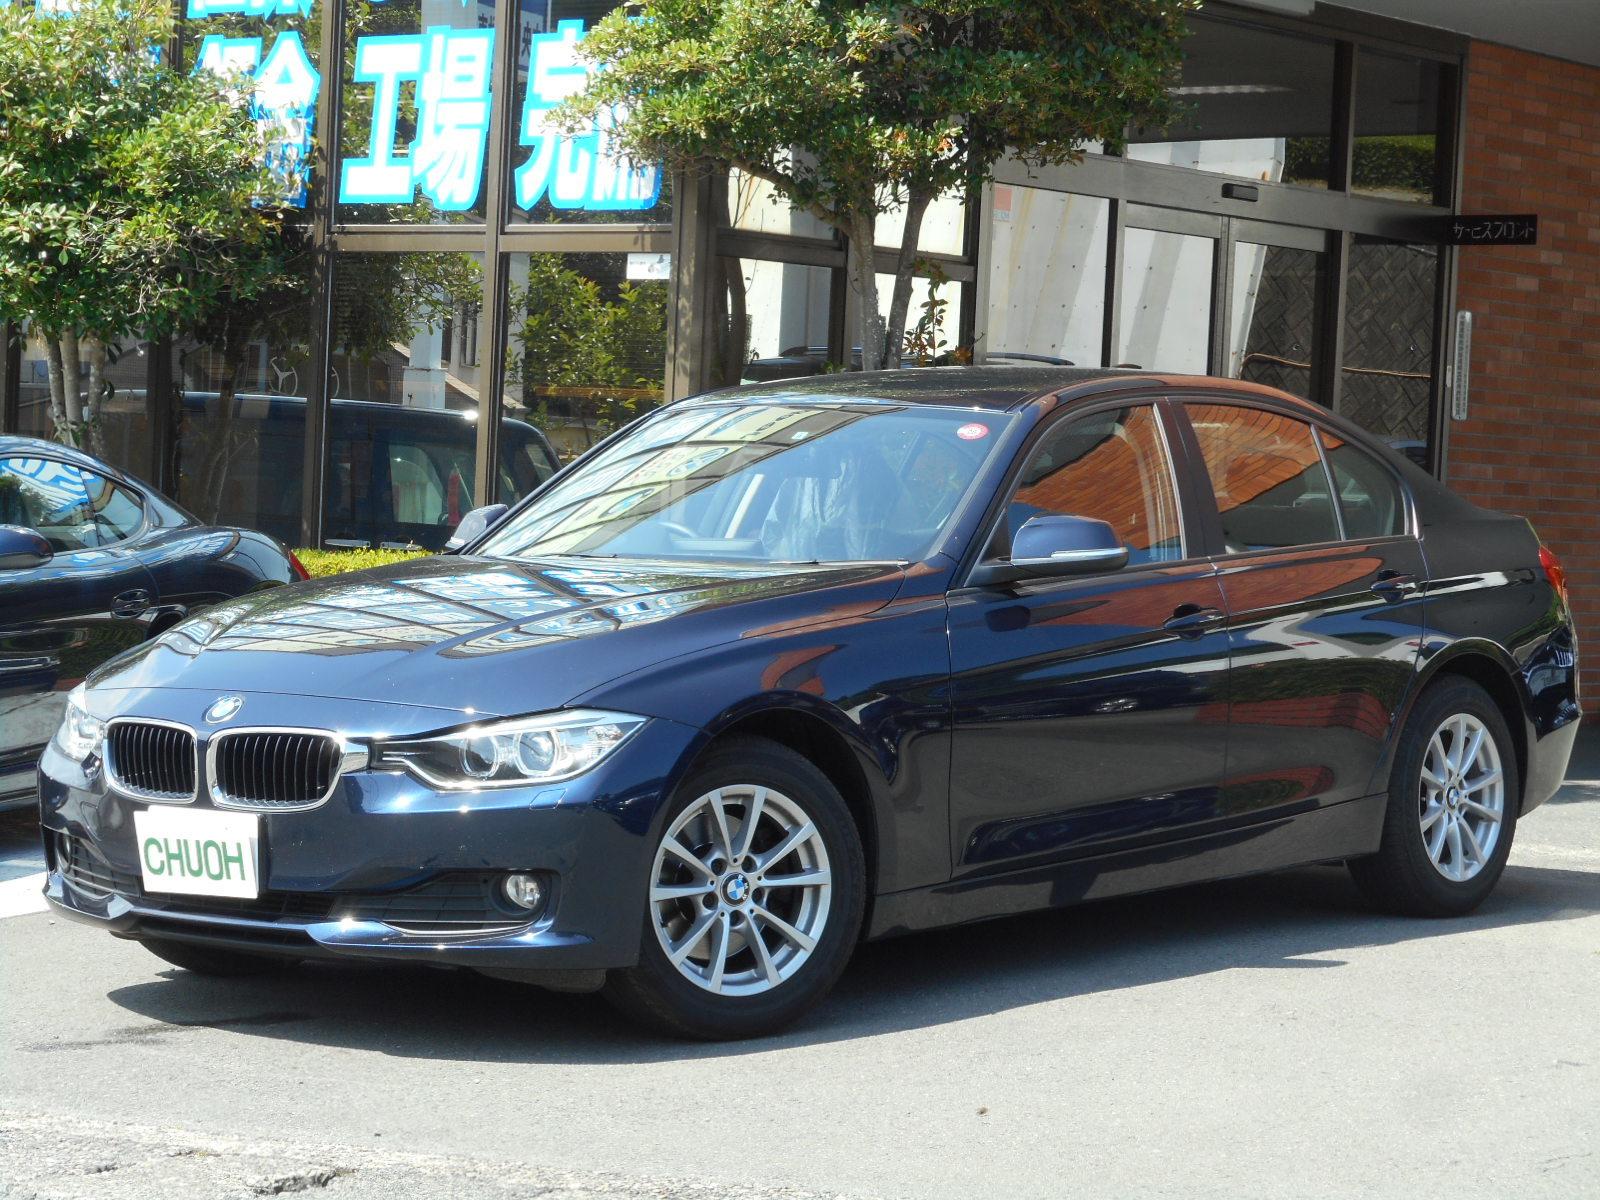 H24年式BMW320d 車両情報_c0267693_17521994.jpg